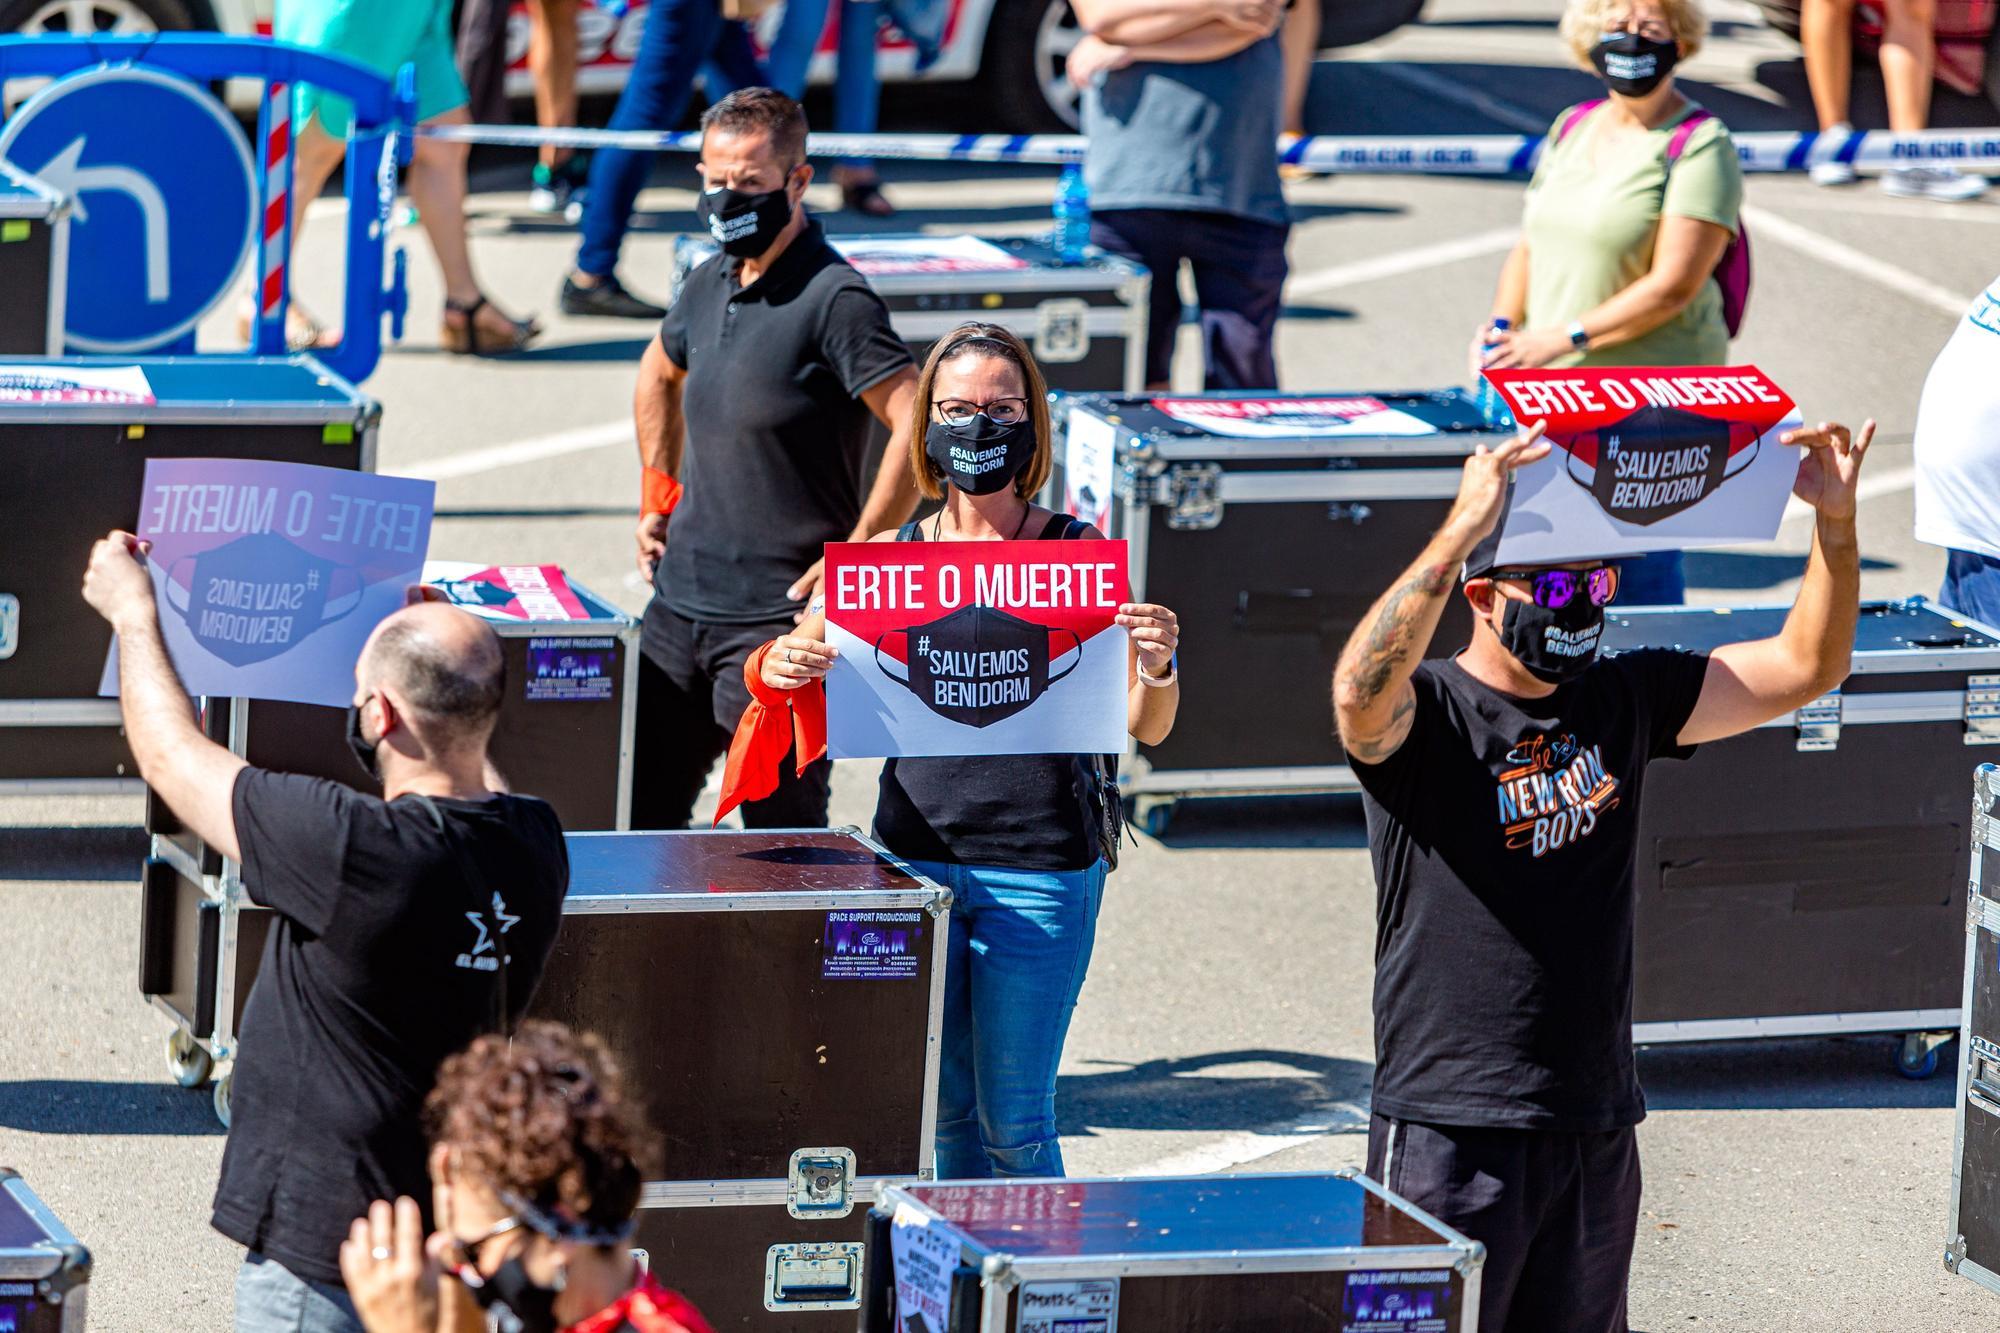 """Galería: El sector turístico de Benidorm clama soluciones a la crisis: """"Erte o Muerte"""""""